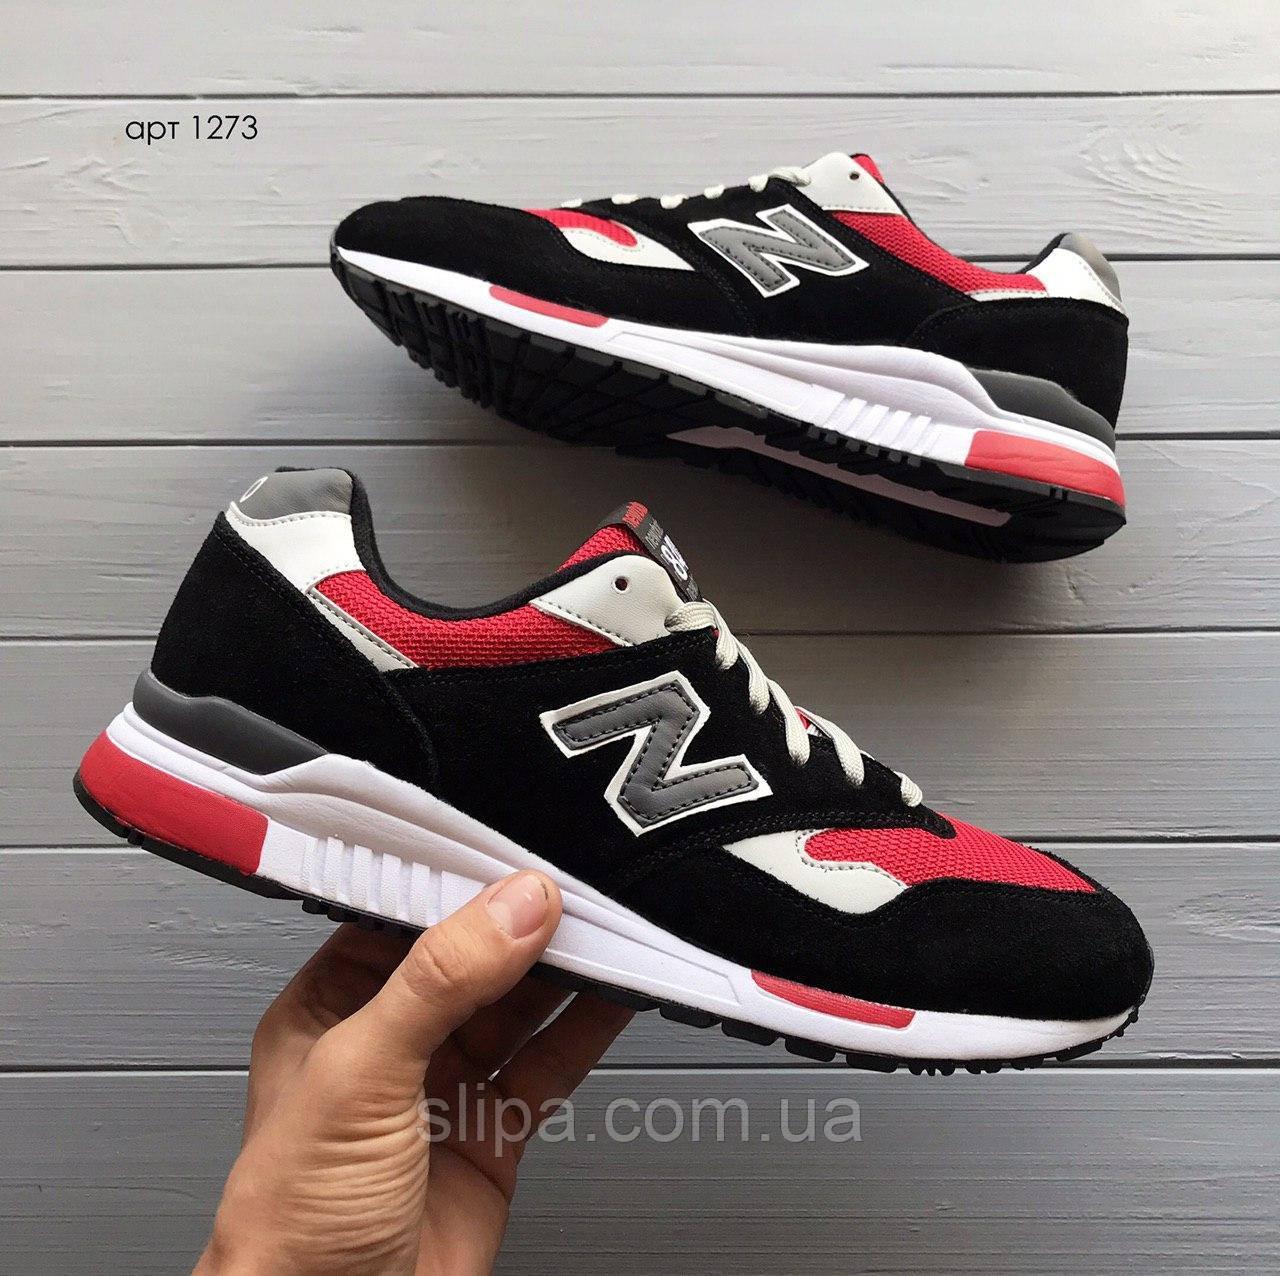 Мужские кроссовки New Balance 840 чёрные с красным